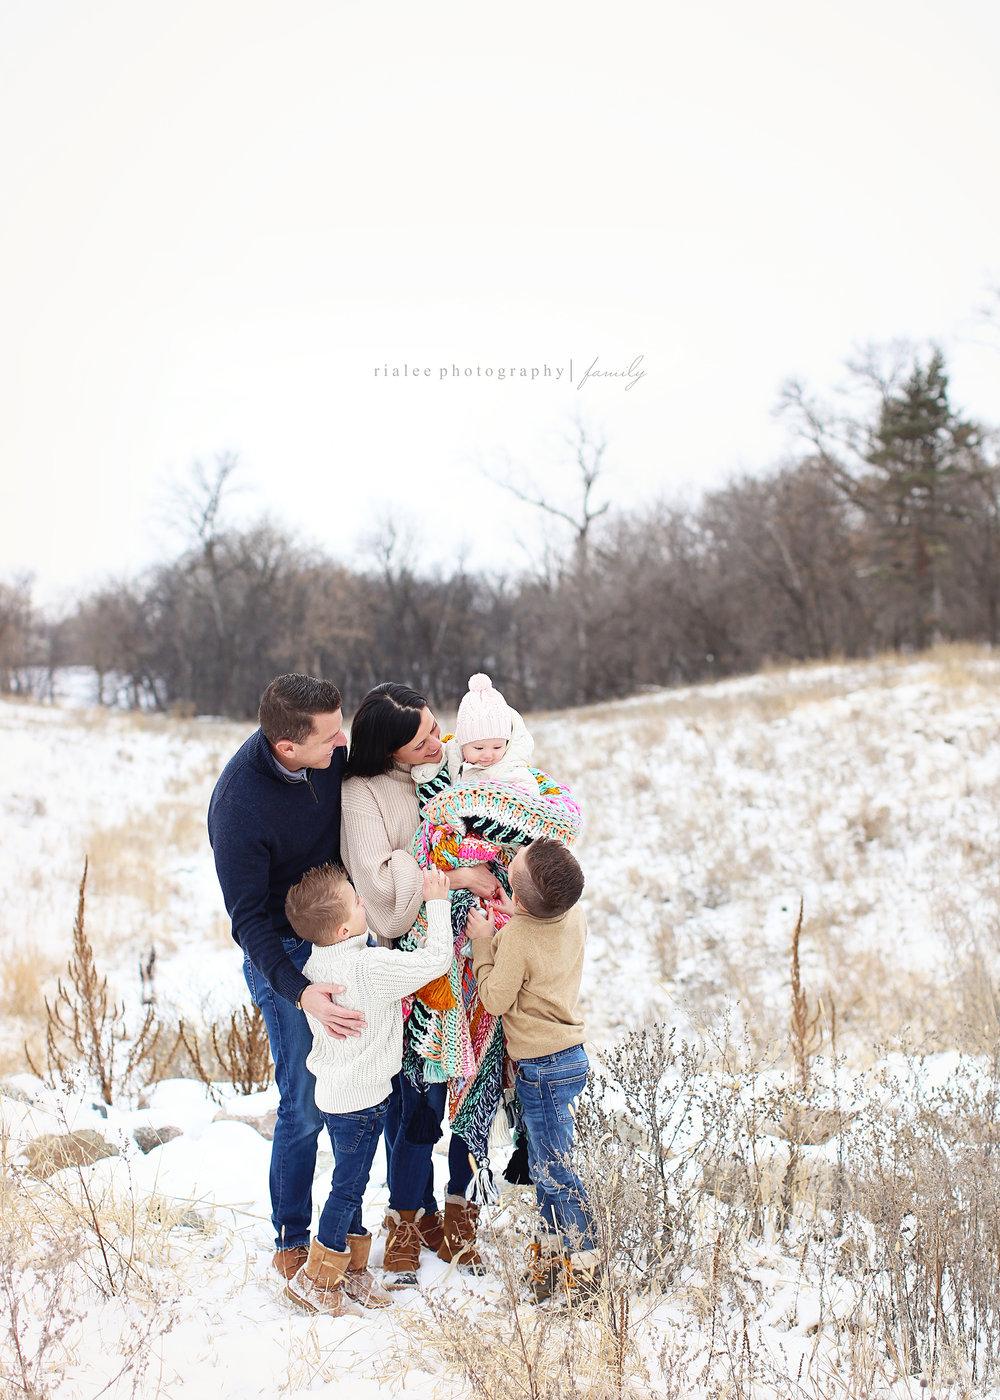 bestfargofamilyphotographer.jpg